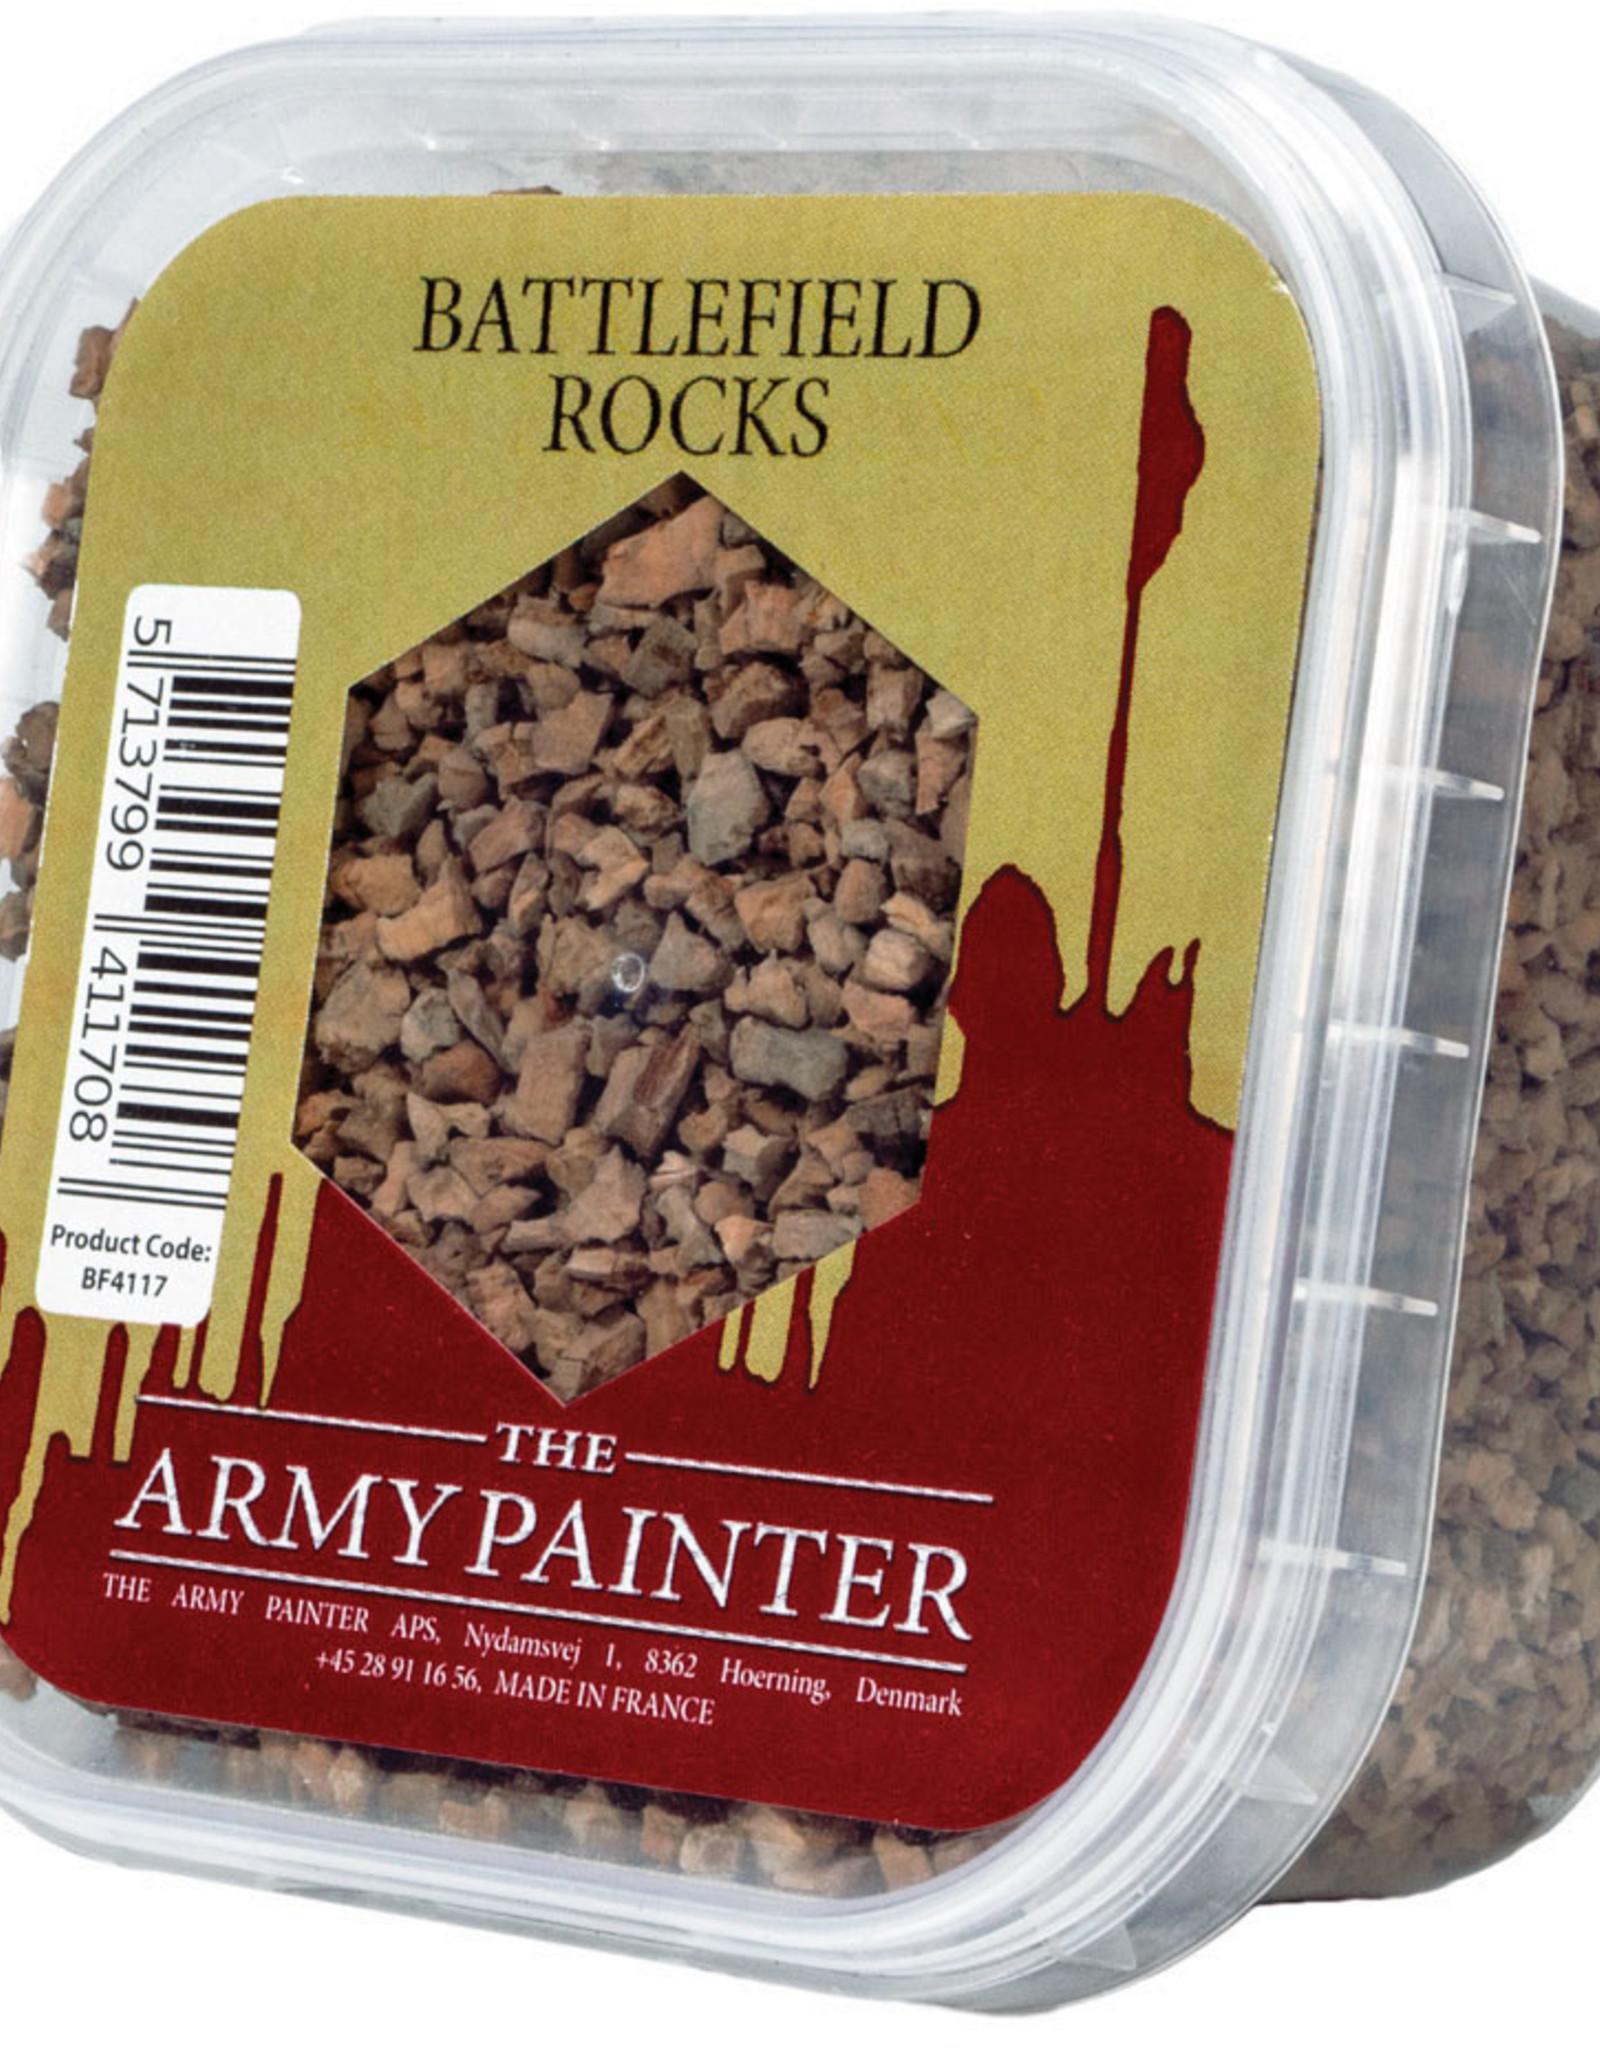 Battlefields: Battlefield Rocks